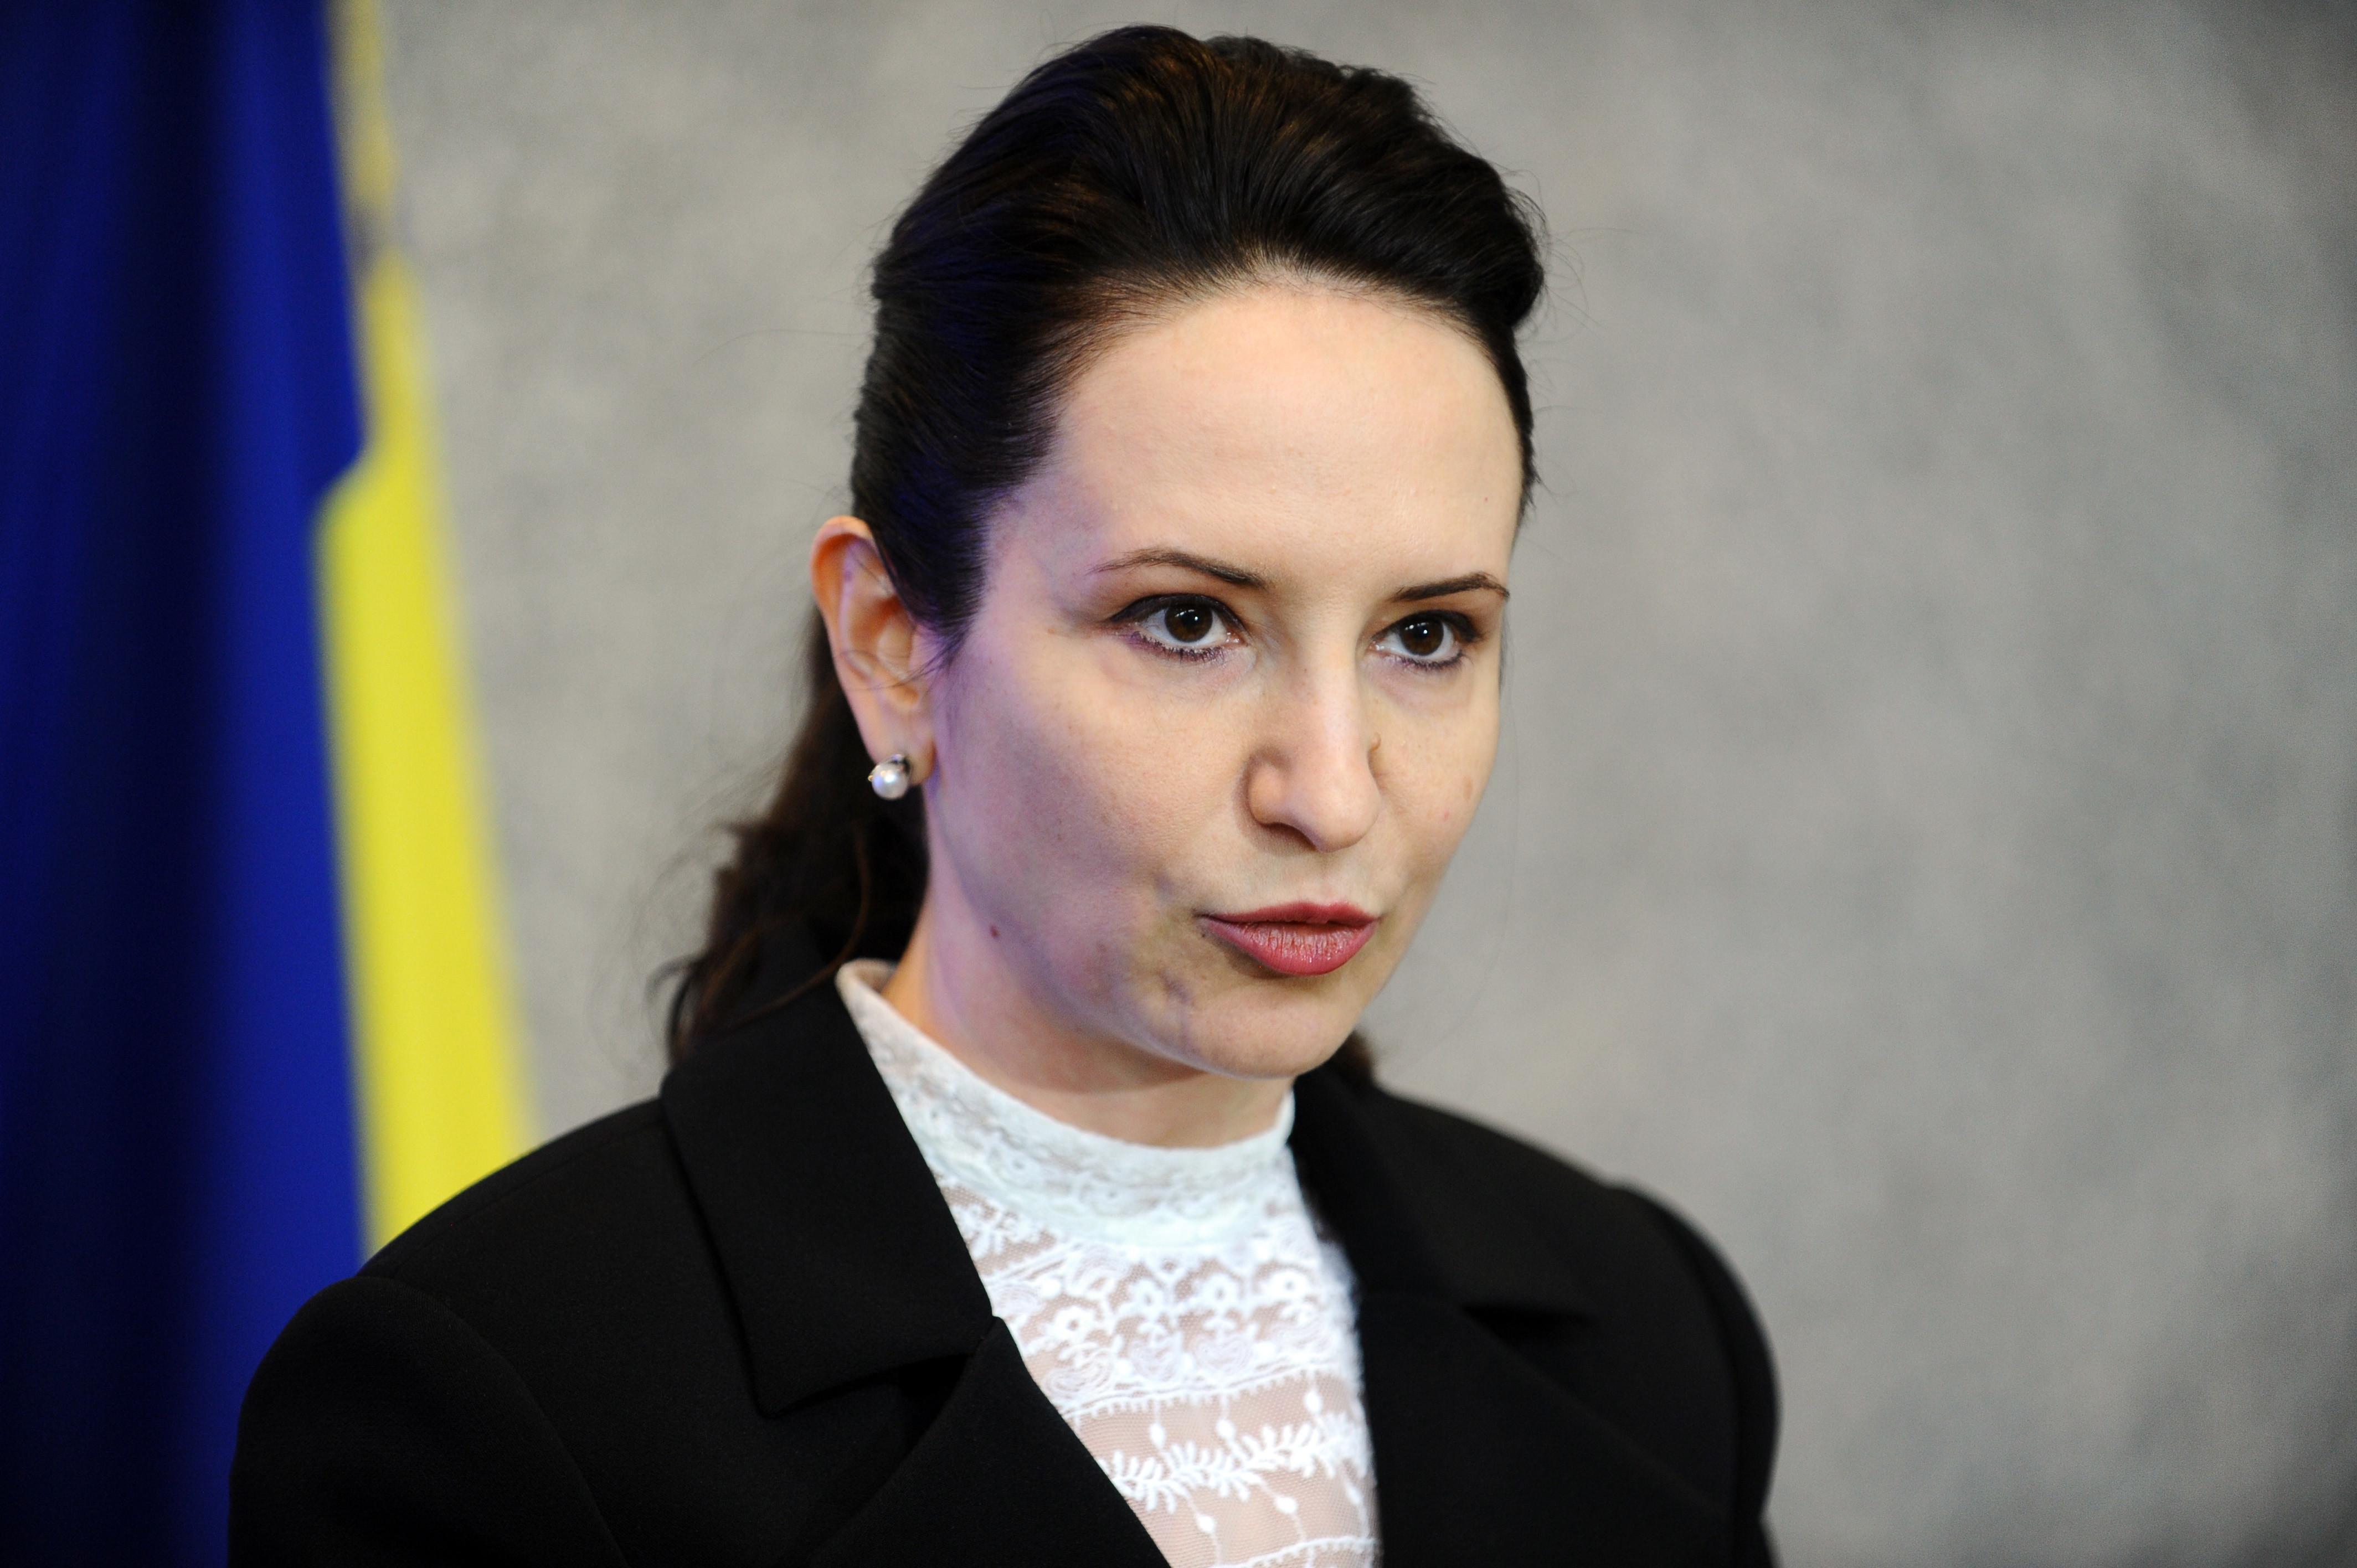 Fosta șefă a DIICOT, Giorgiana Hosu, se pensionează la vârsta de 49 de ani